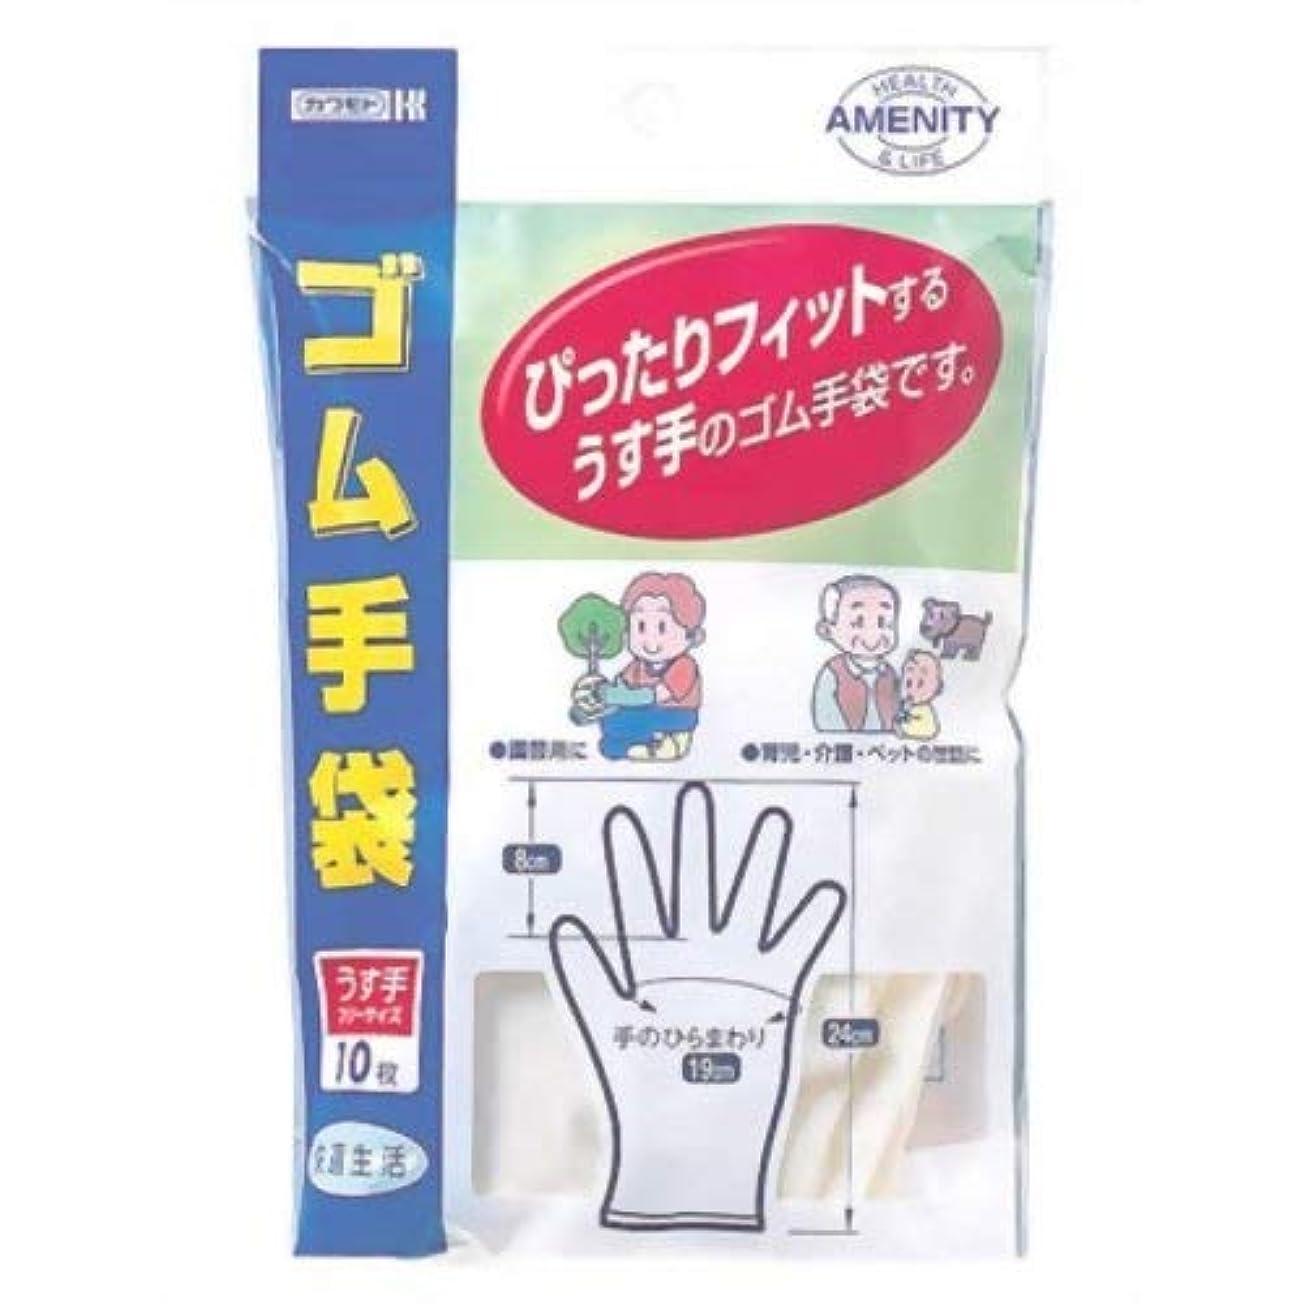 その間愛する中庭カワモト ゴム手袋 10枚 ×3個